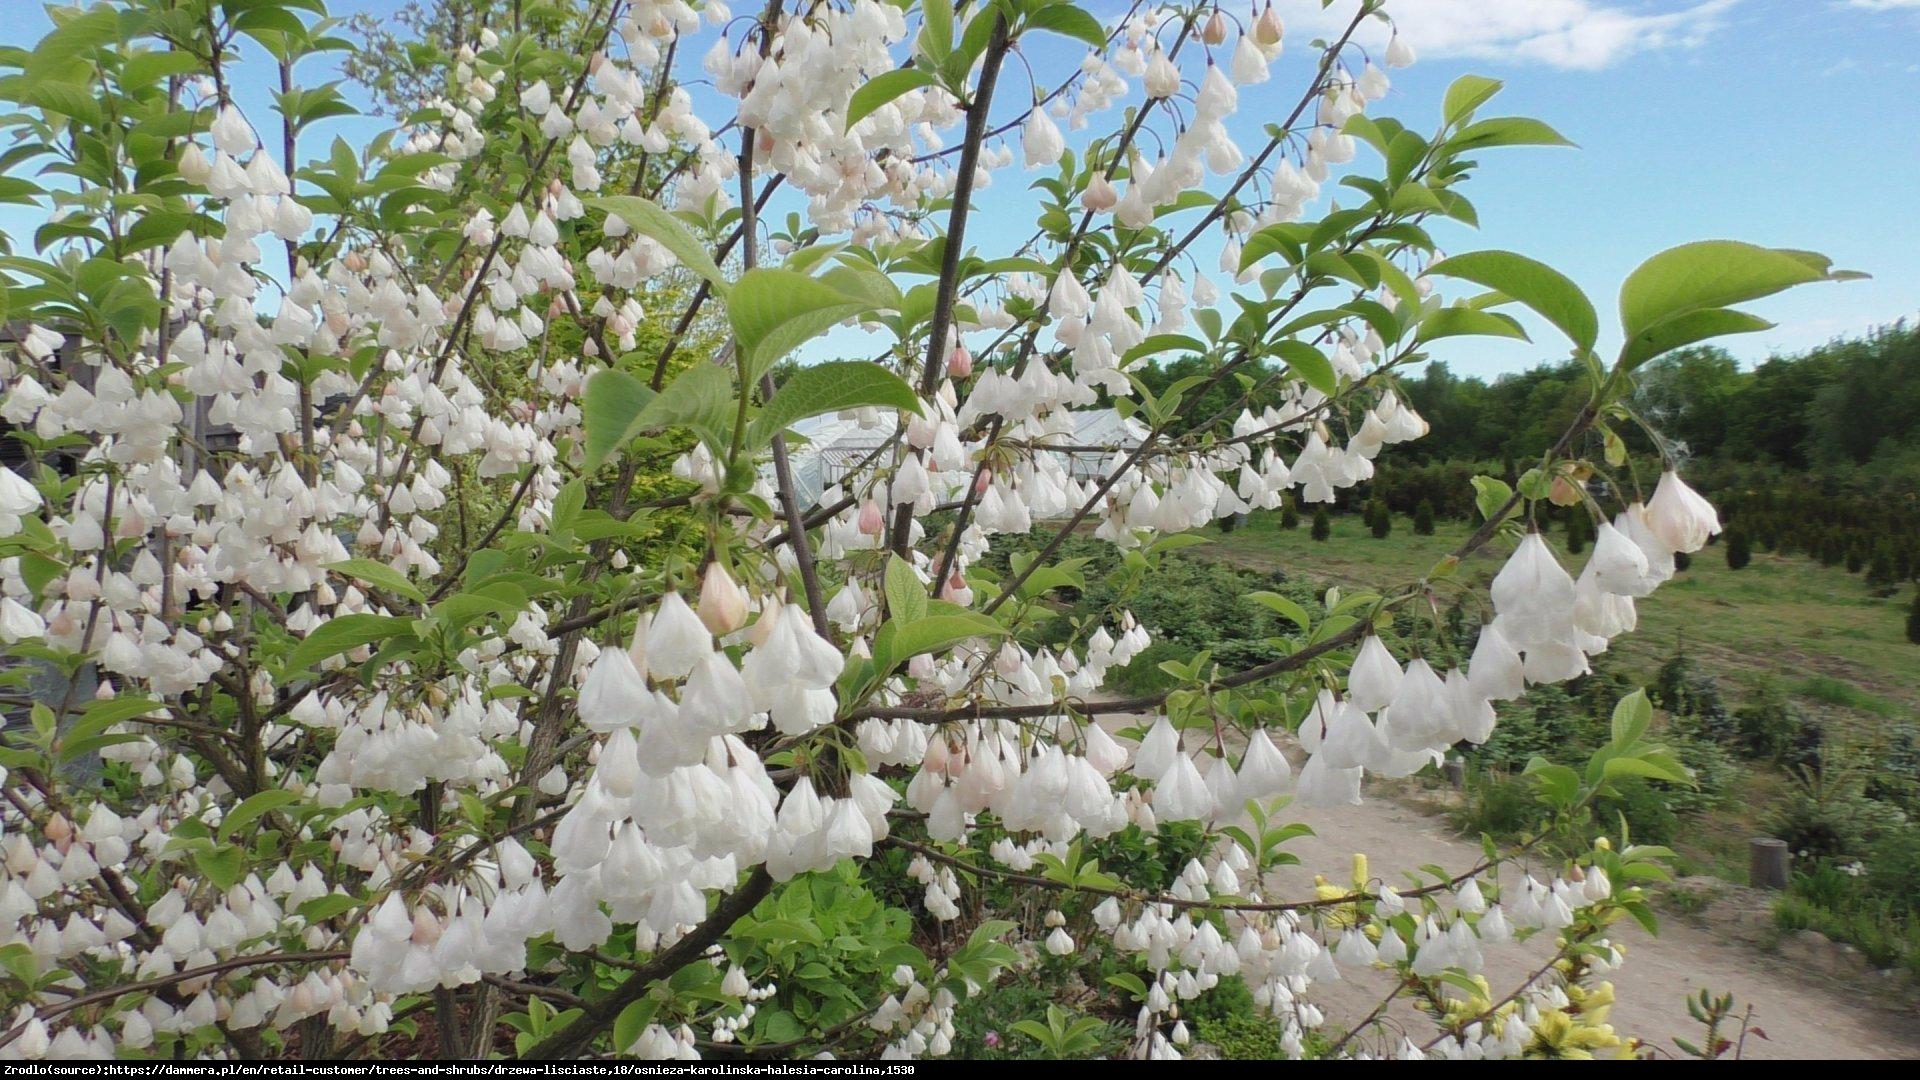 Ośnieża czteroskrzydła  - Halesia carolina